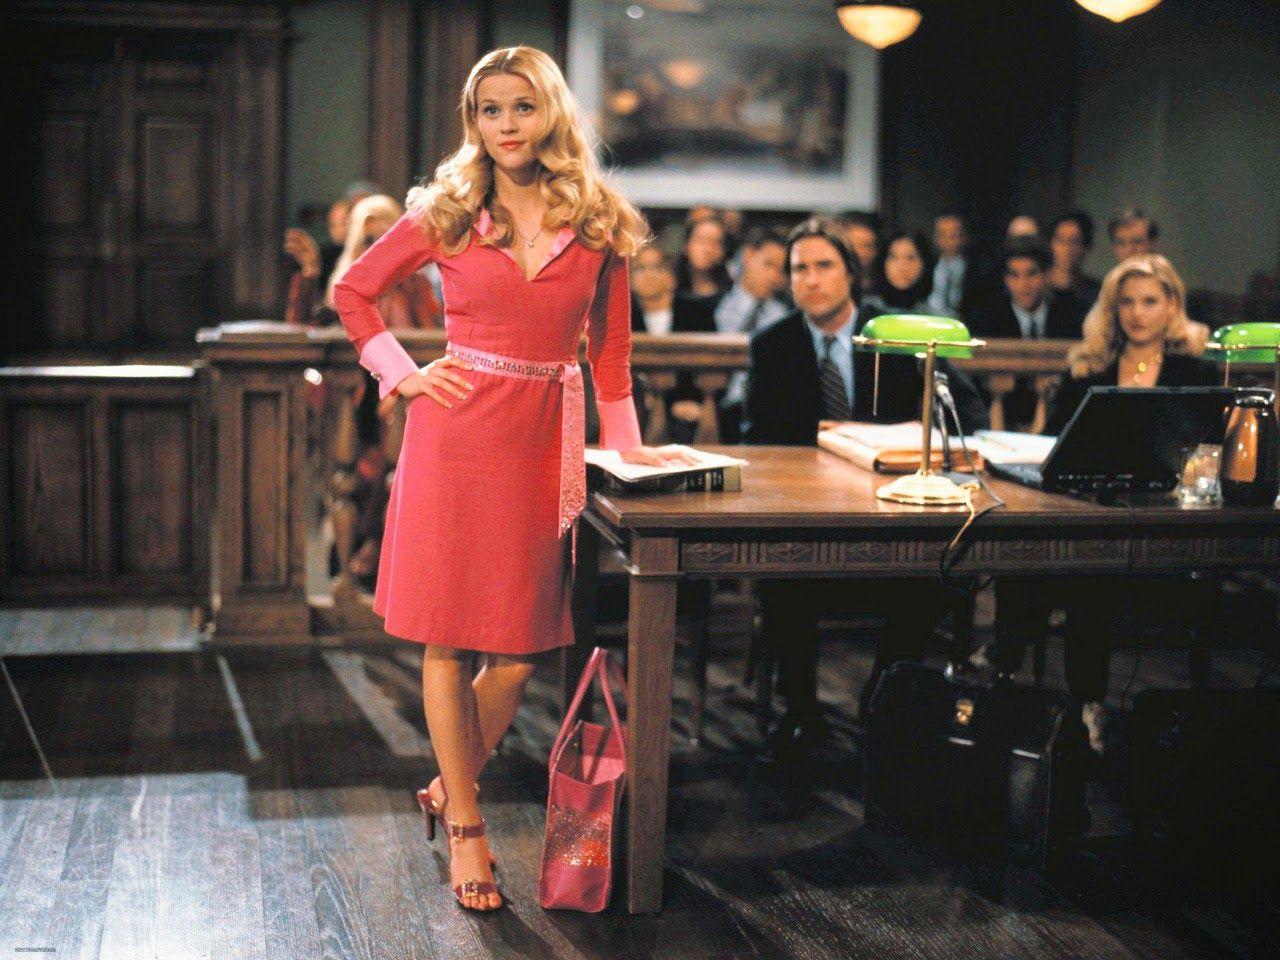 Риз Уизерспун сыграет 'Блондинку в законе' в продолжении голливудской комедии - фото 387767